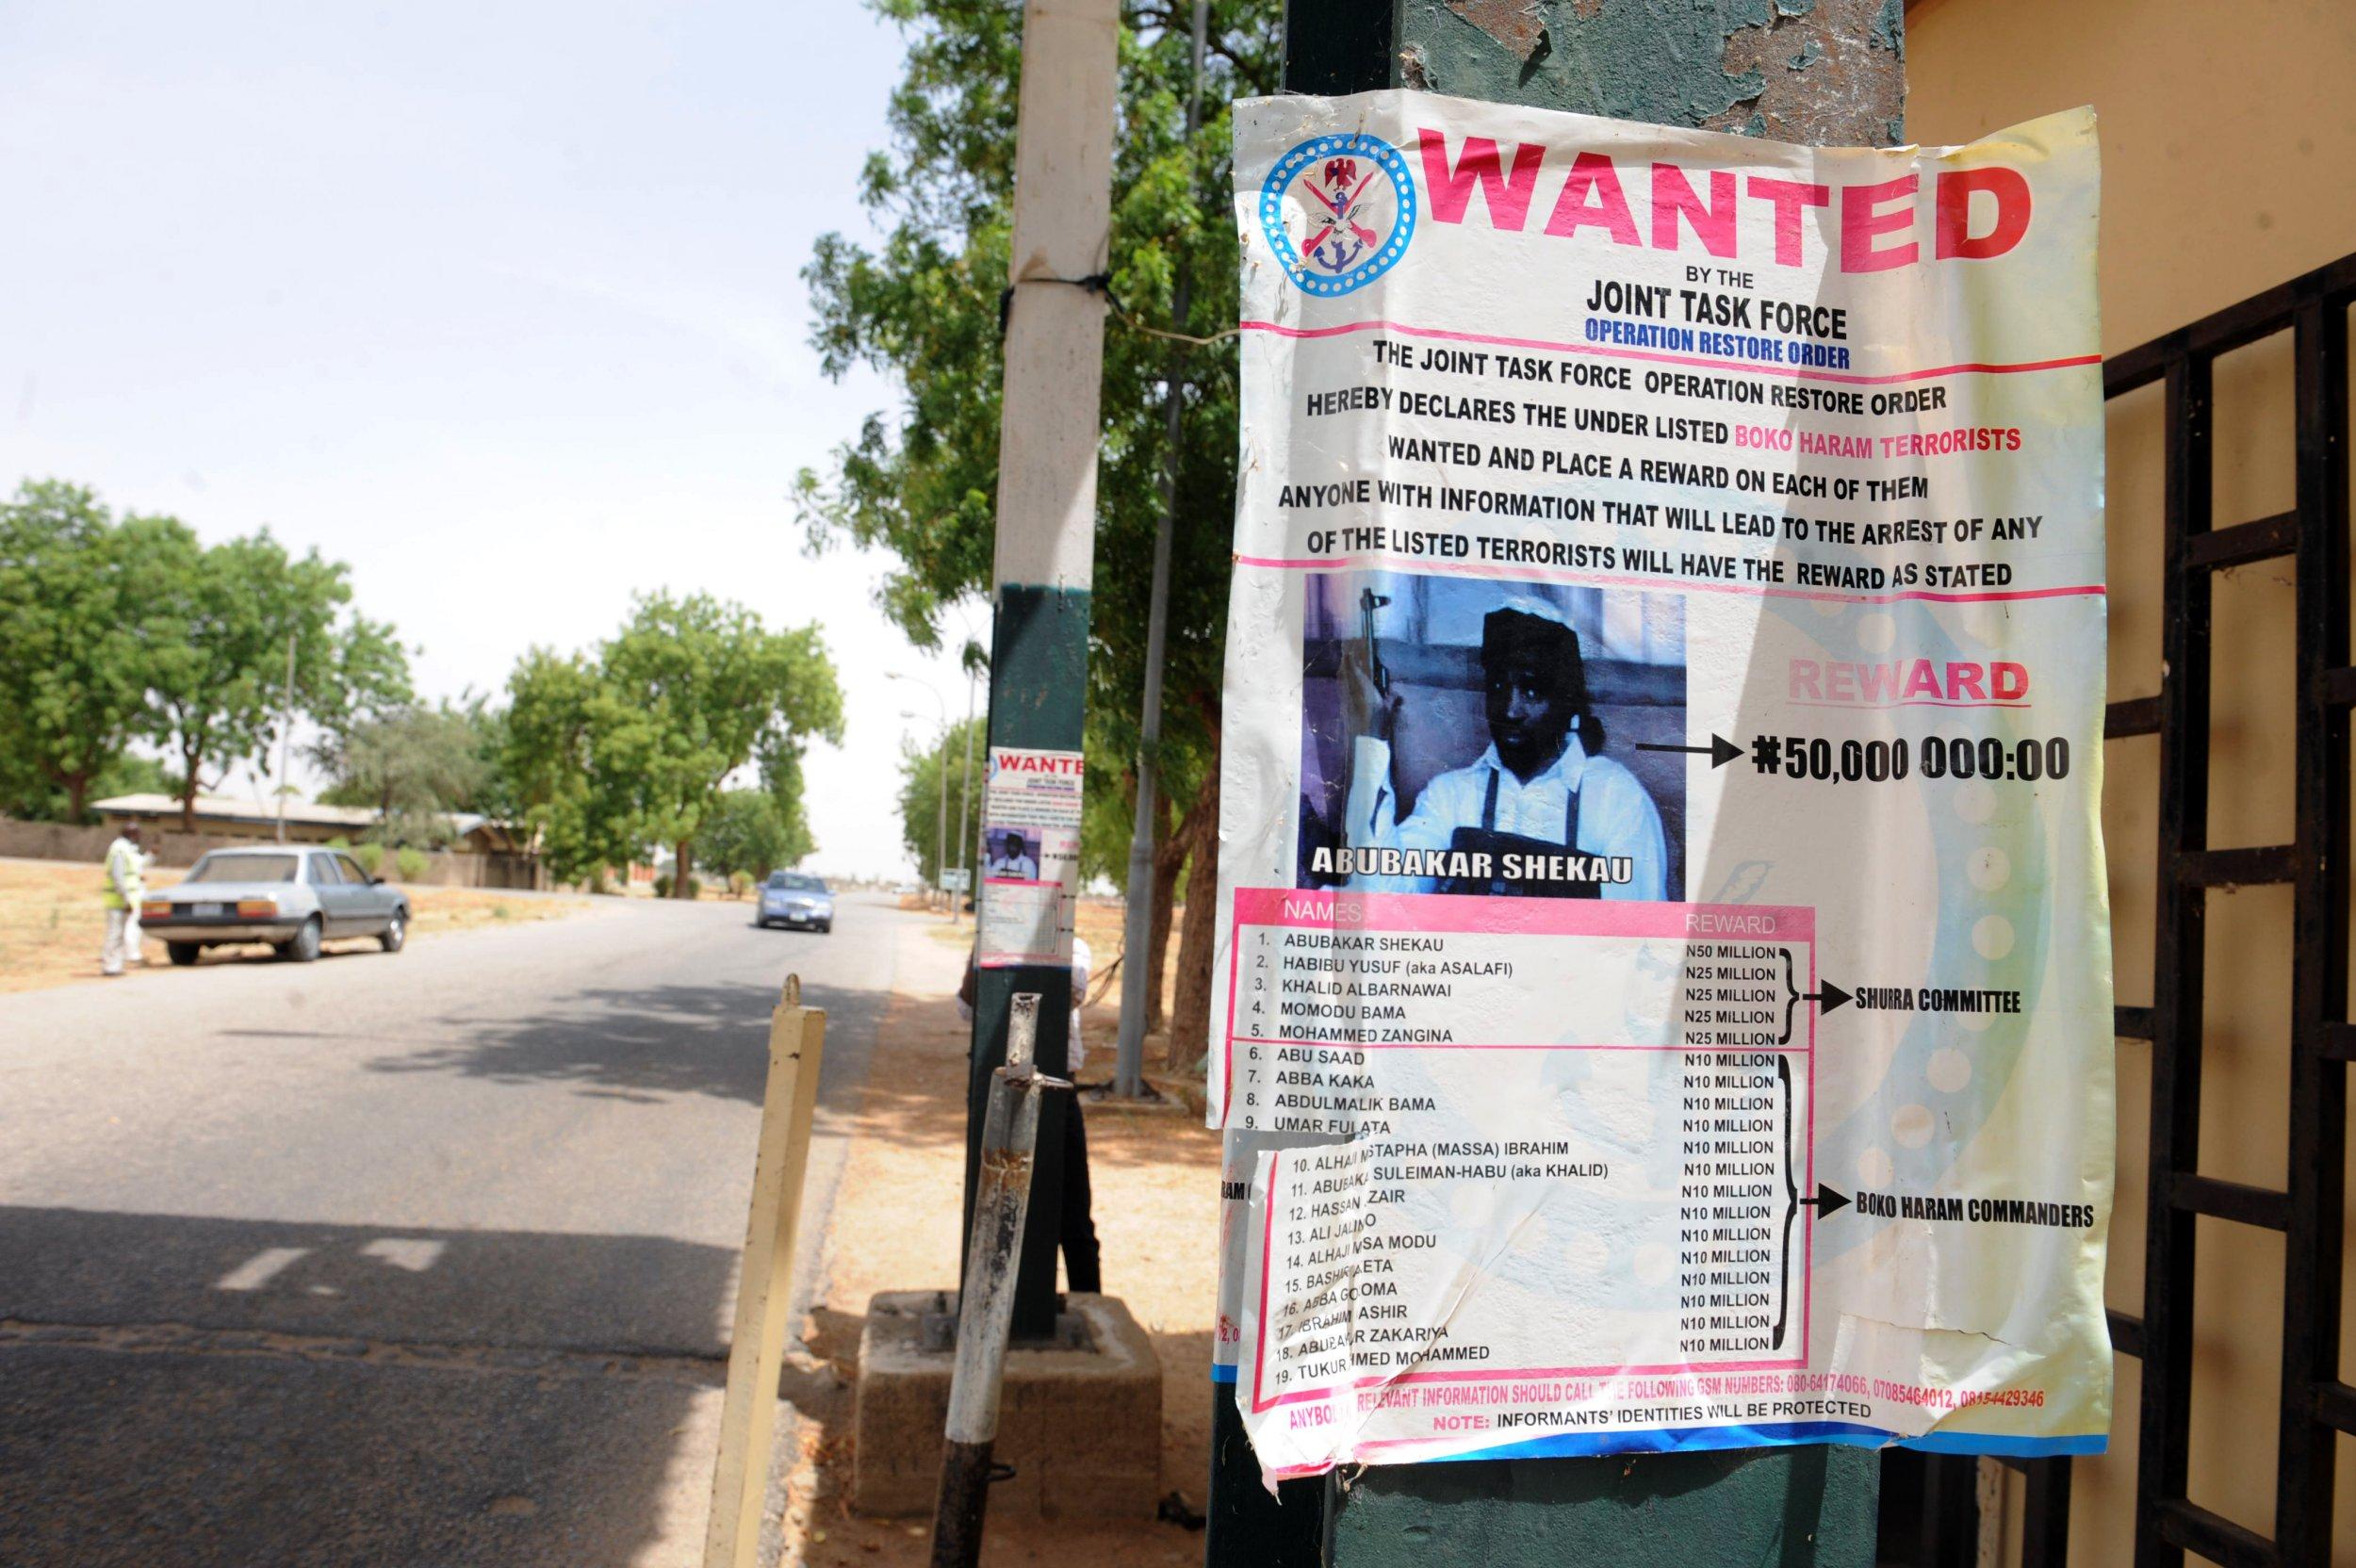 A wanted poster for Boko Haram leader Abubakar Shekau in Maiduguri.